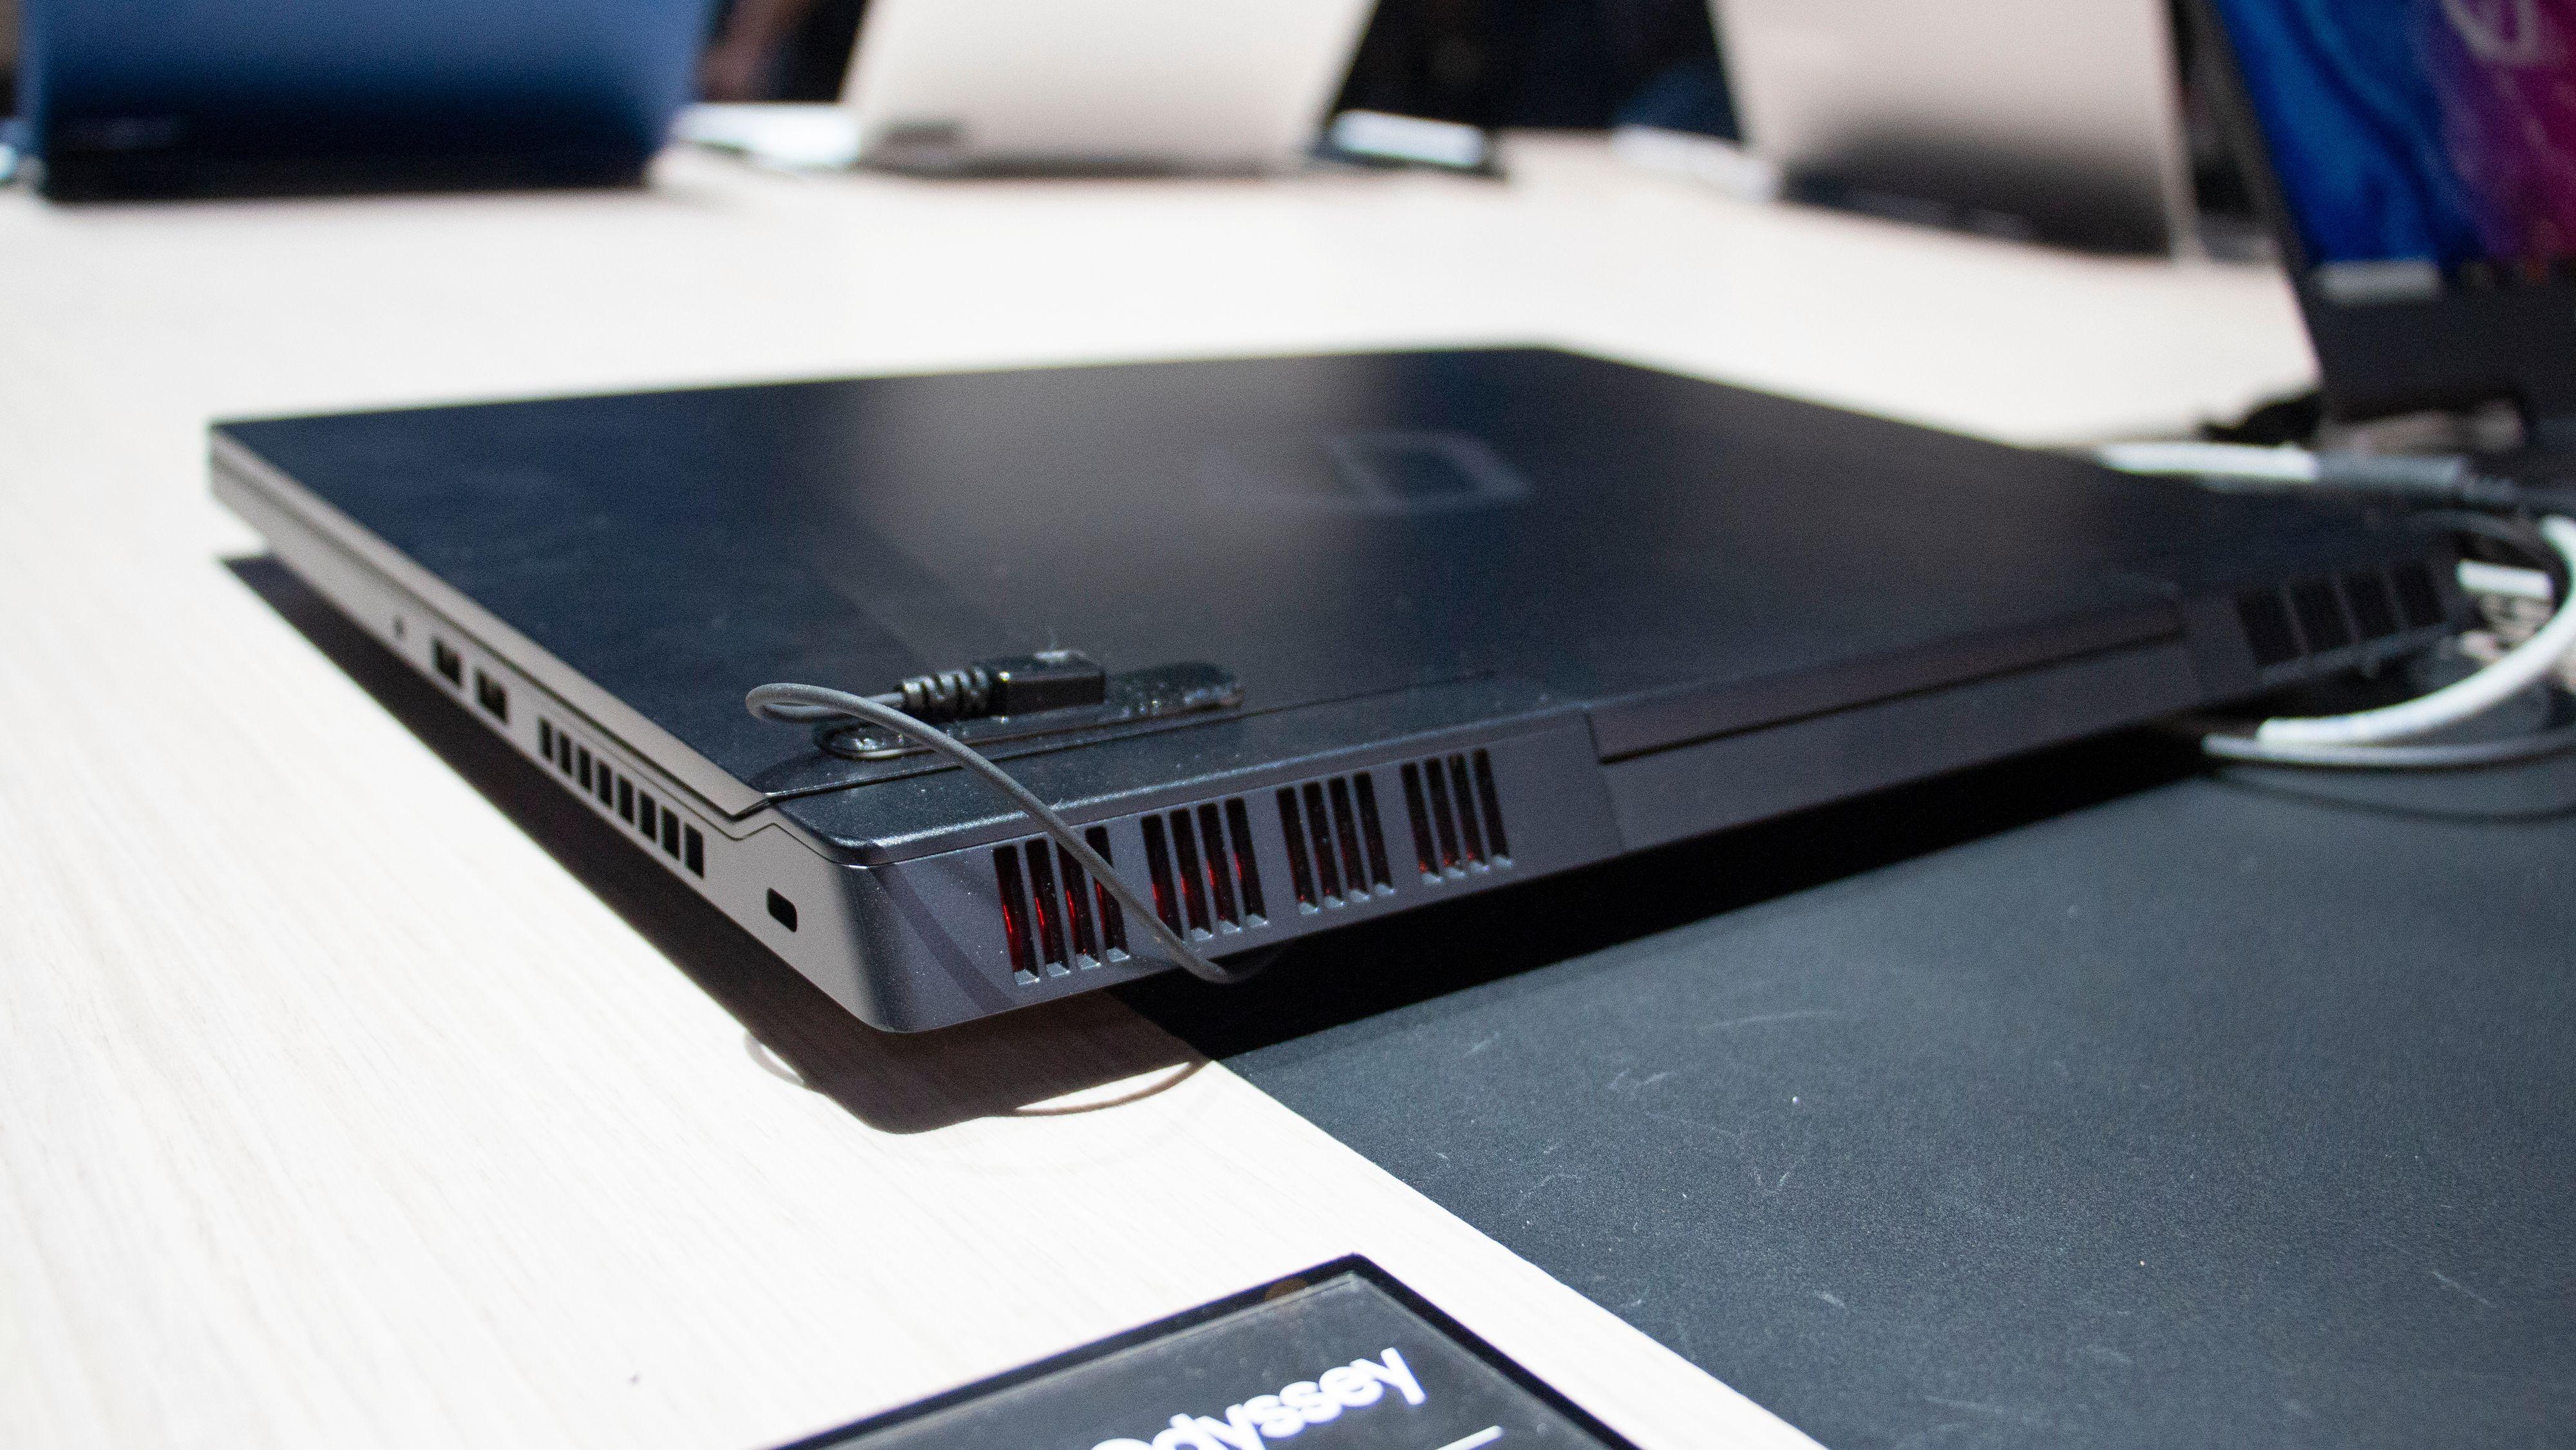 Notebook Odyssey er ganske tynn og lett til gamingmaskin å være, men det gjør også at den ikke har spesielt stort batteri.